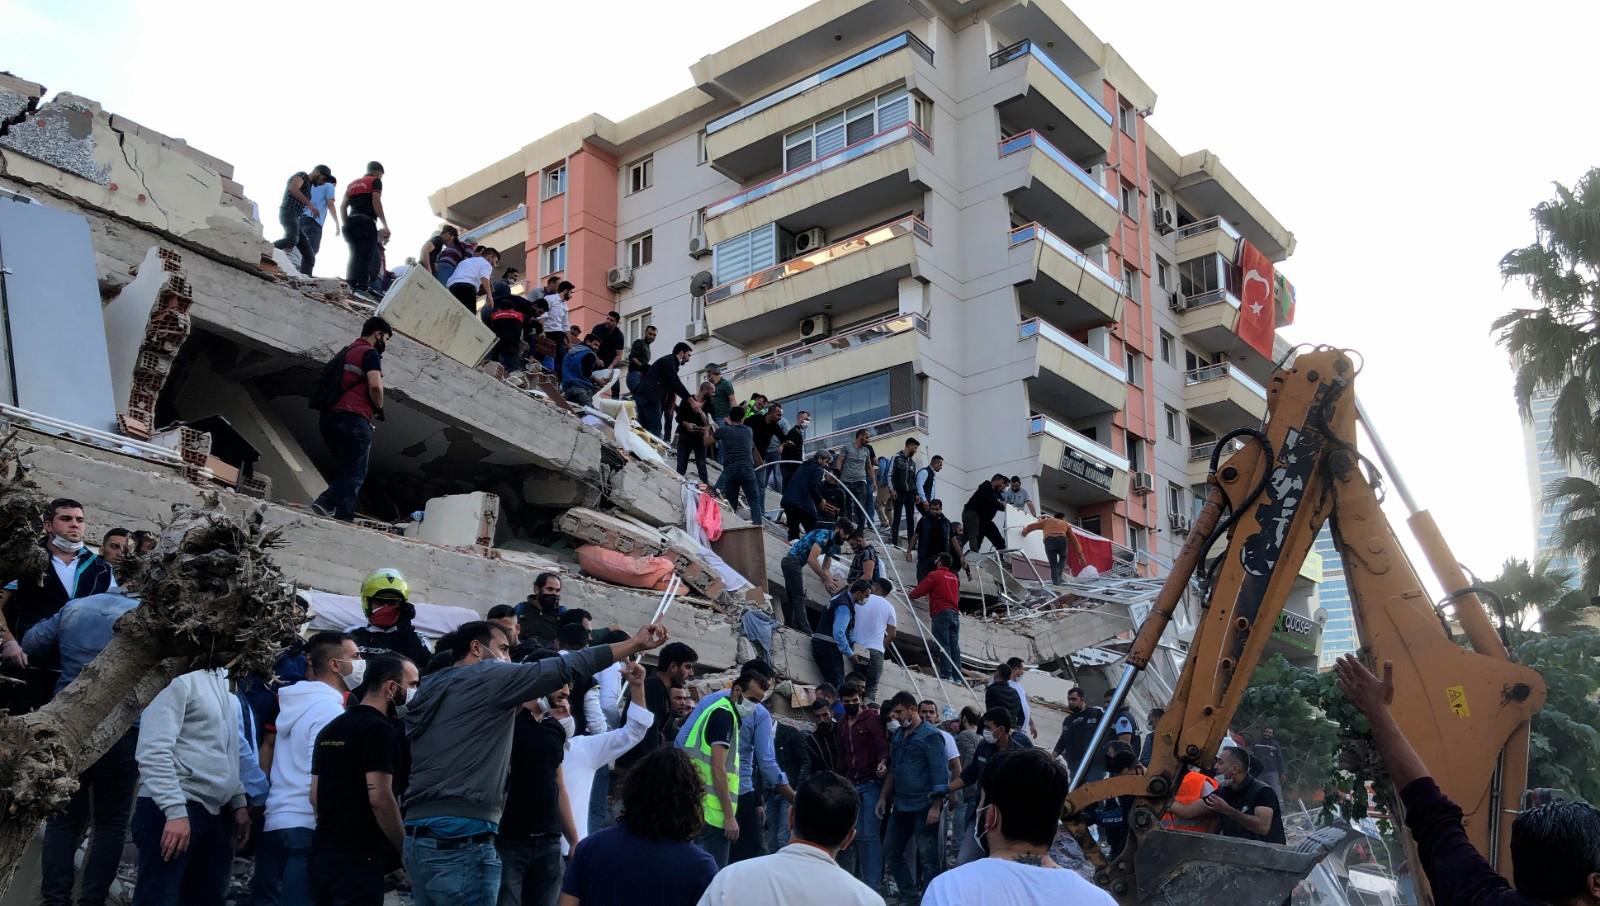 爱琴海发生强震 土耳其、希腊8人死亡逾百人受伤_图1-4